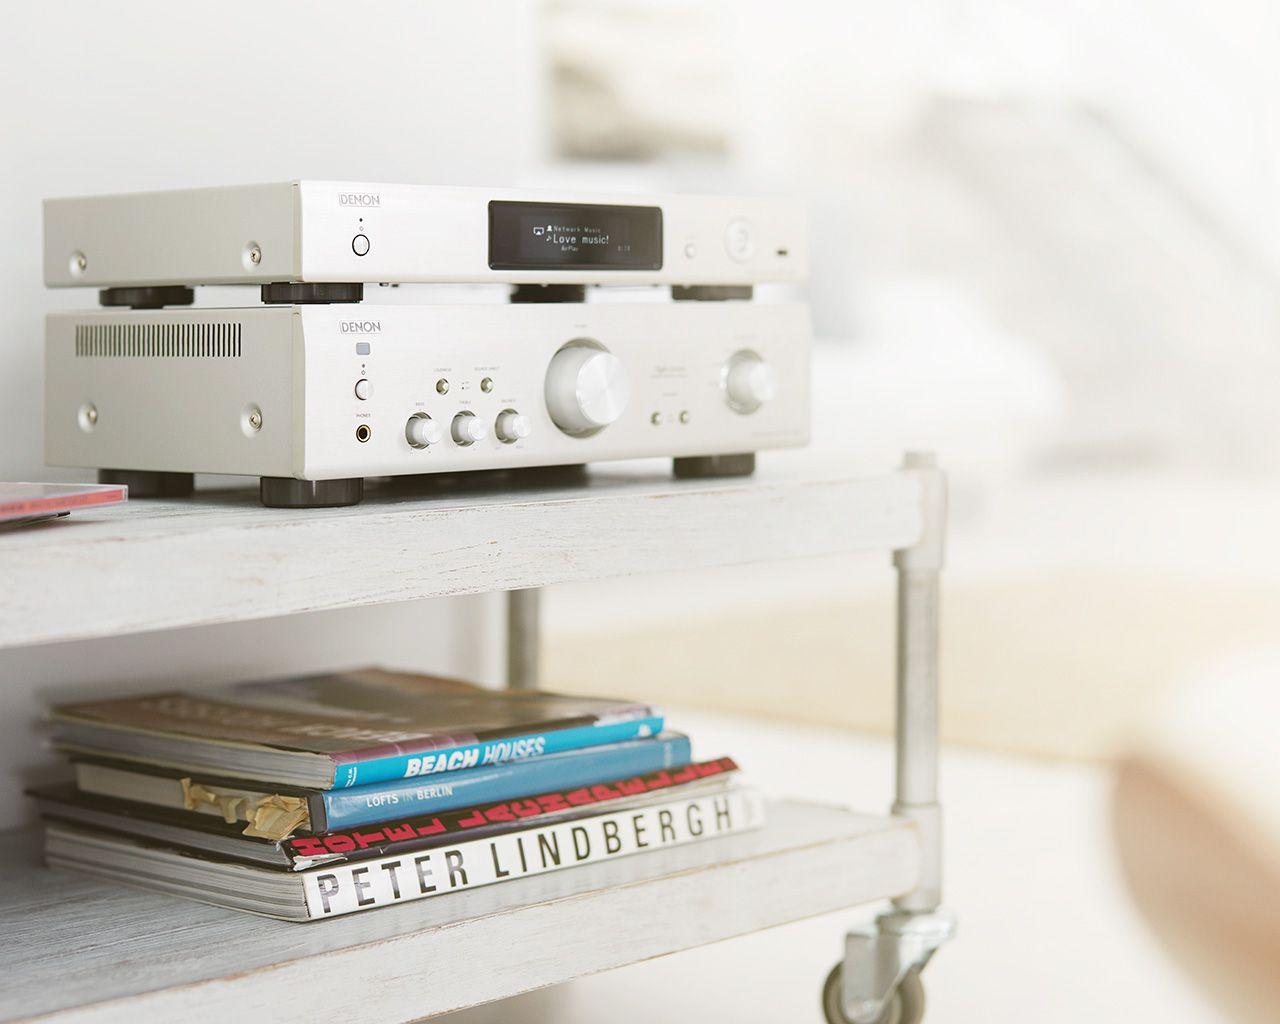 PMA 390RE - 【奇跡の名機】DENON PMA-390REが低価格でナンバーワンのアンプ【5万円以下】